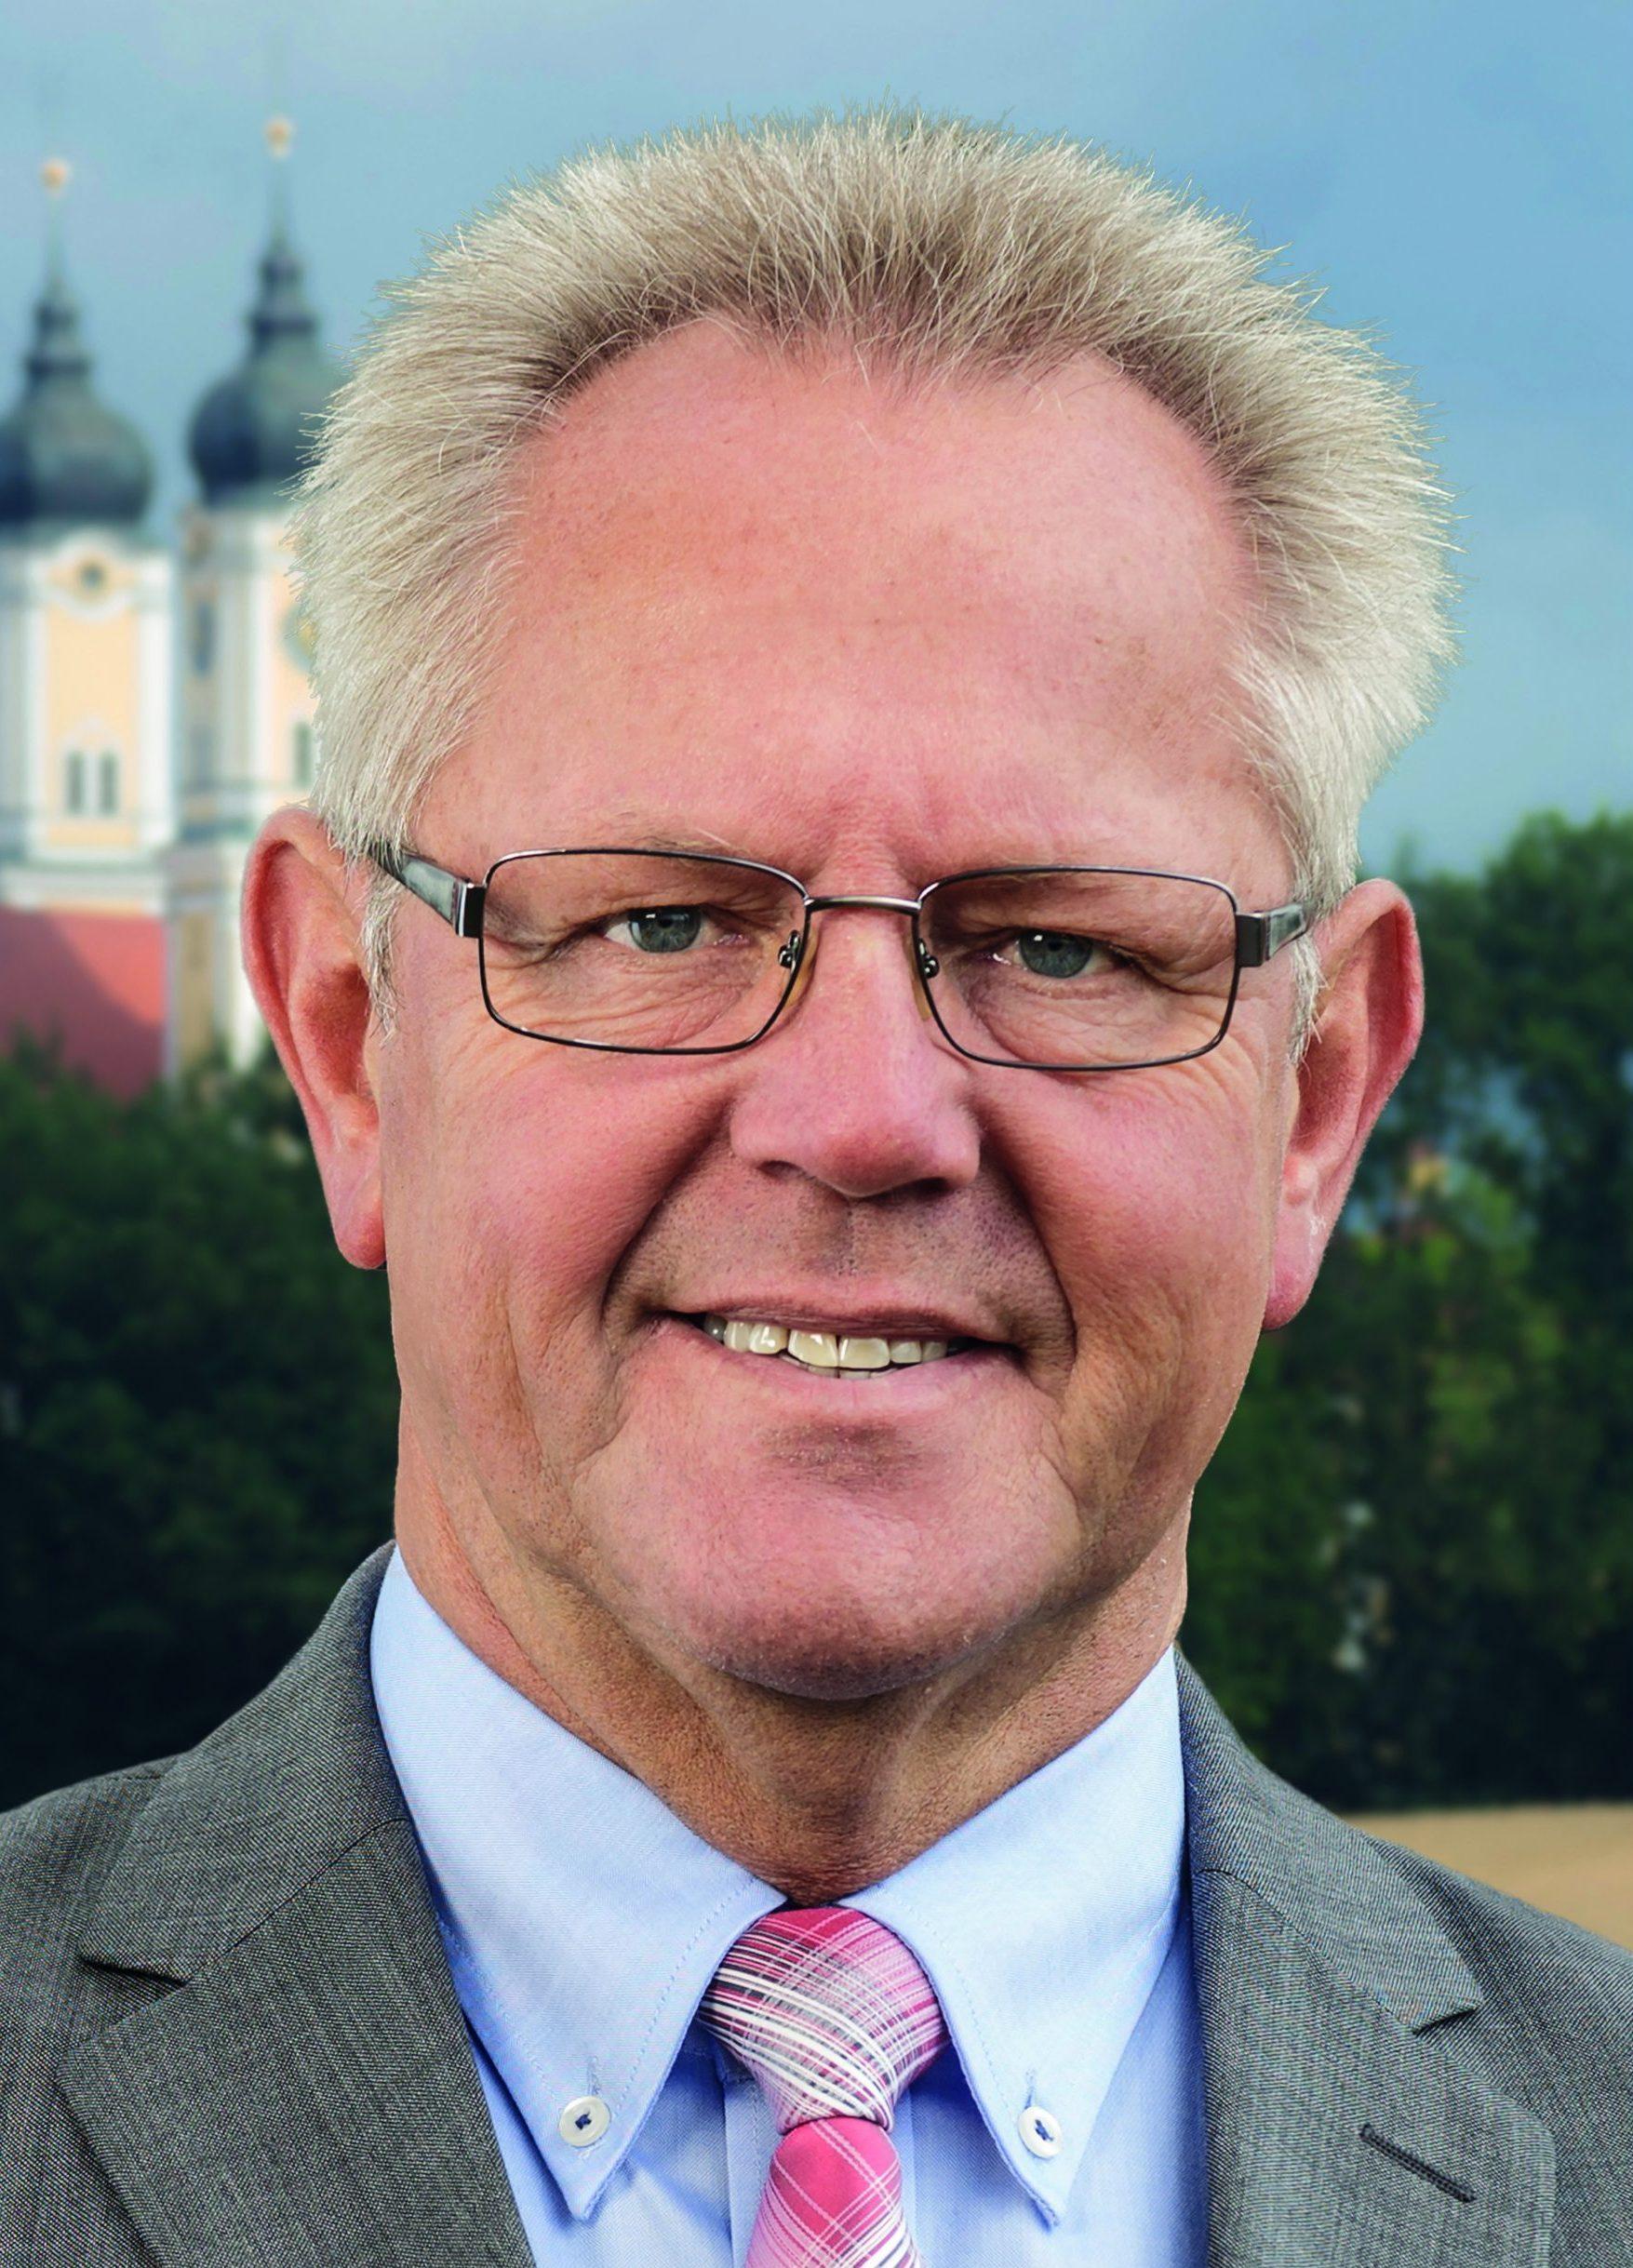 Herbert Pressl